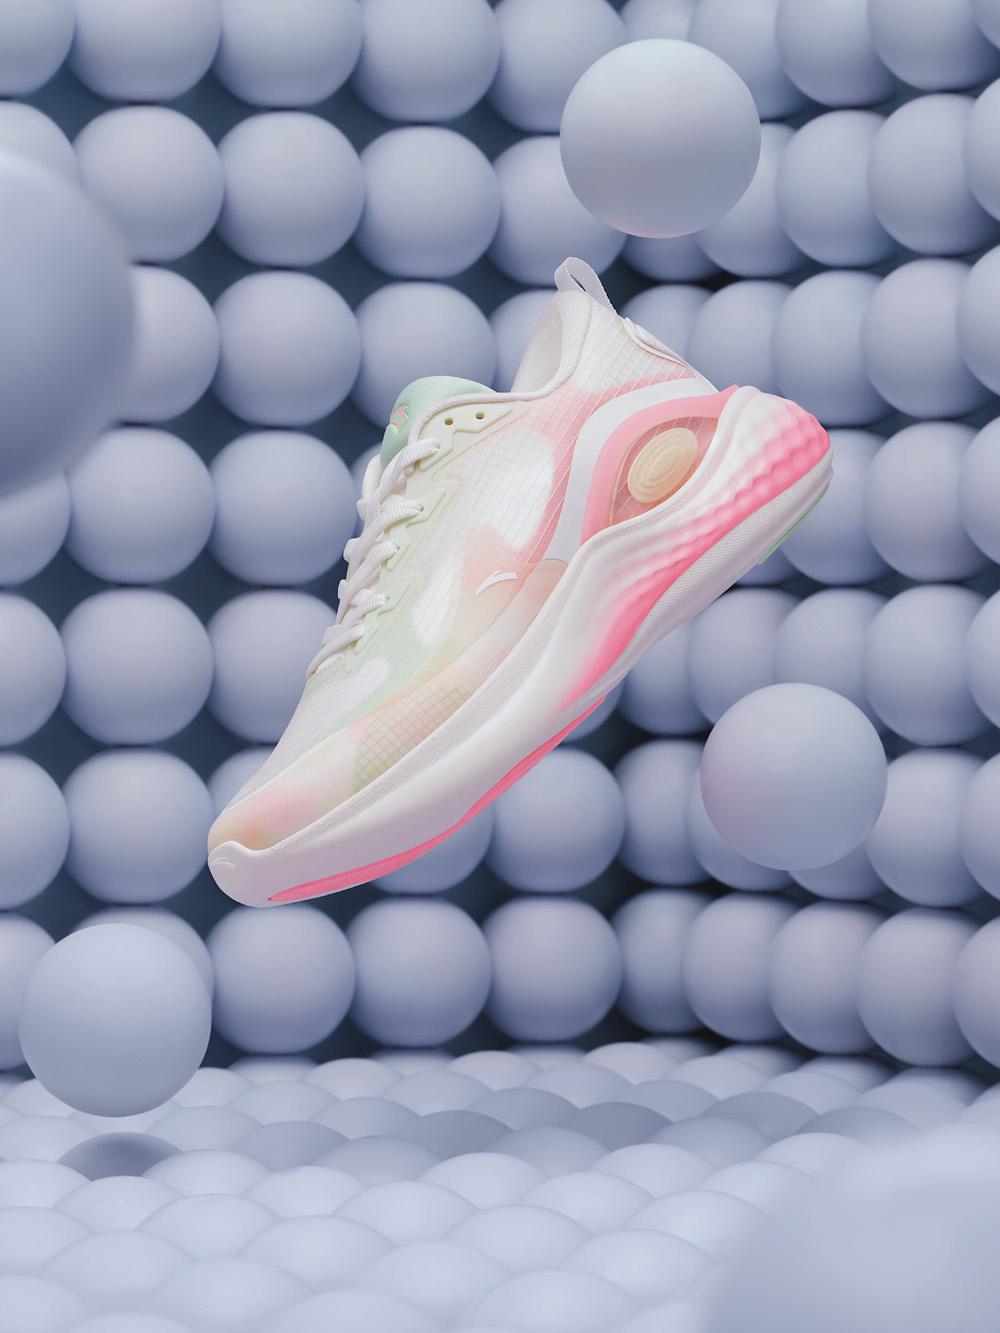 乳胶跑鞋,安踏,发售  又软又弹!就像踩在乳胶床垫上!安踏全新跑鞋刚刚上架!